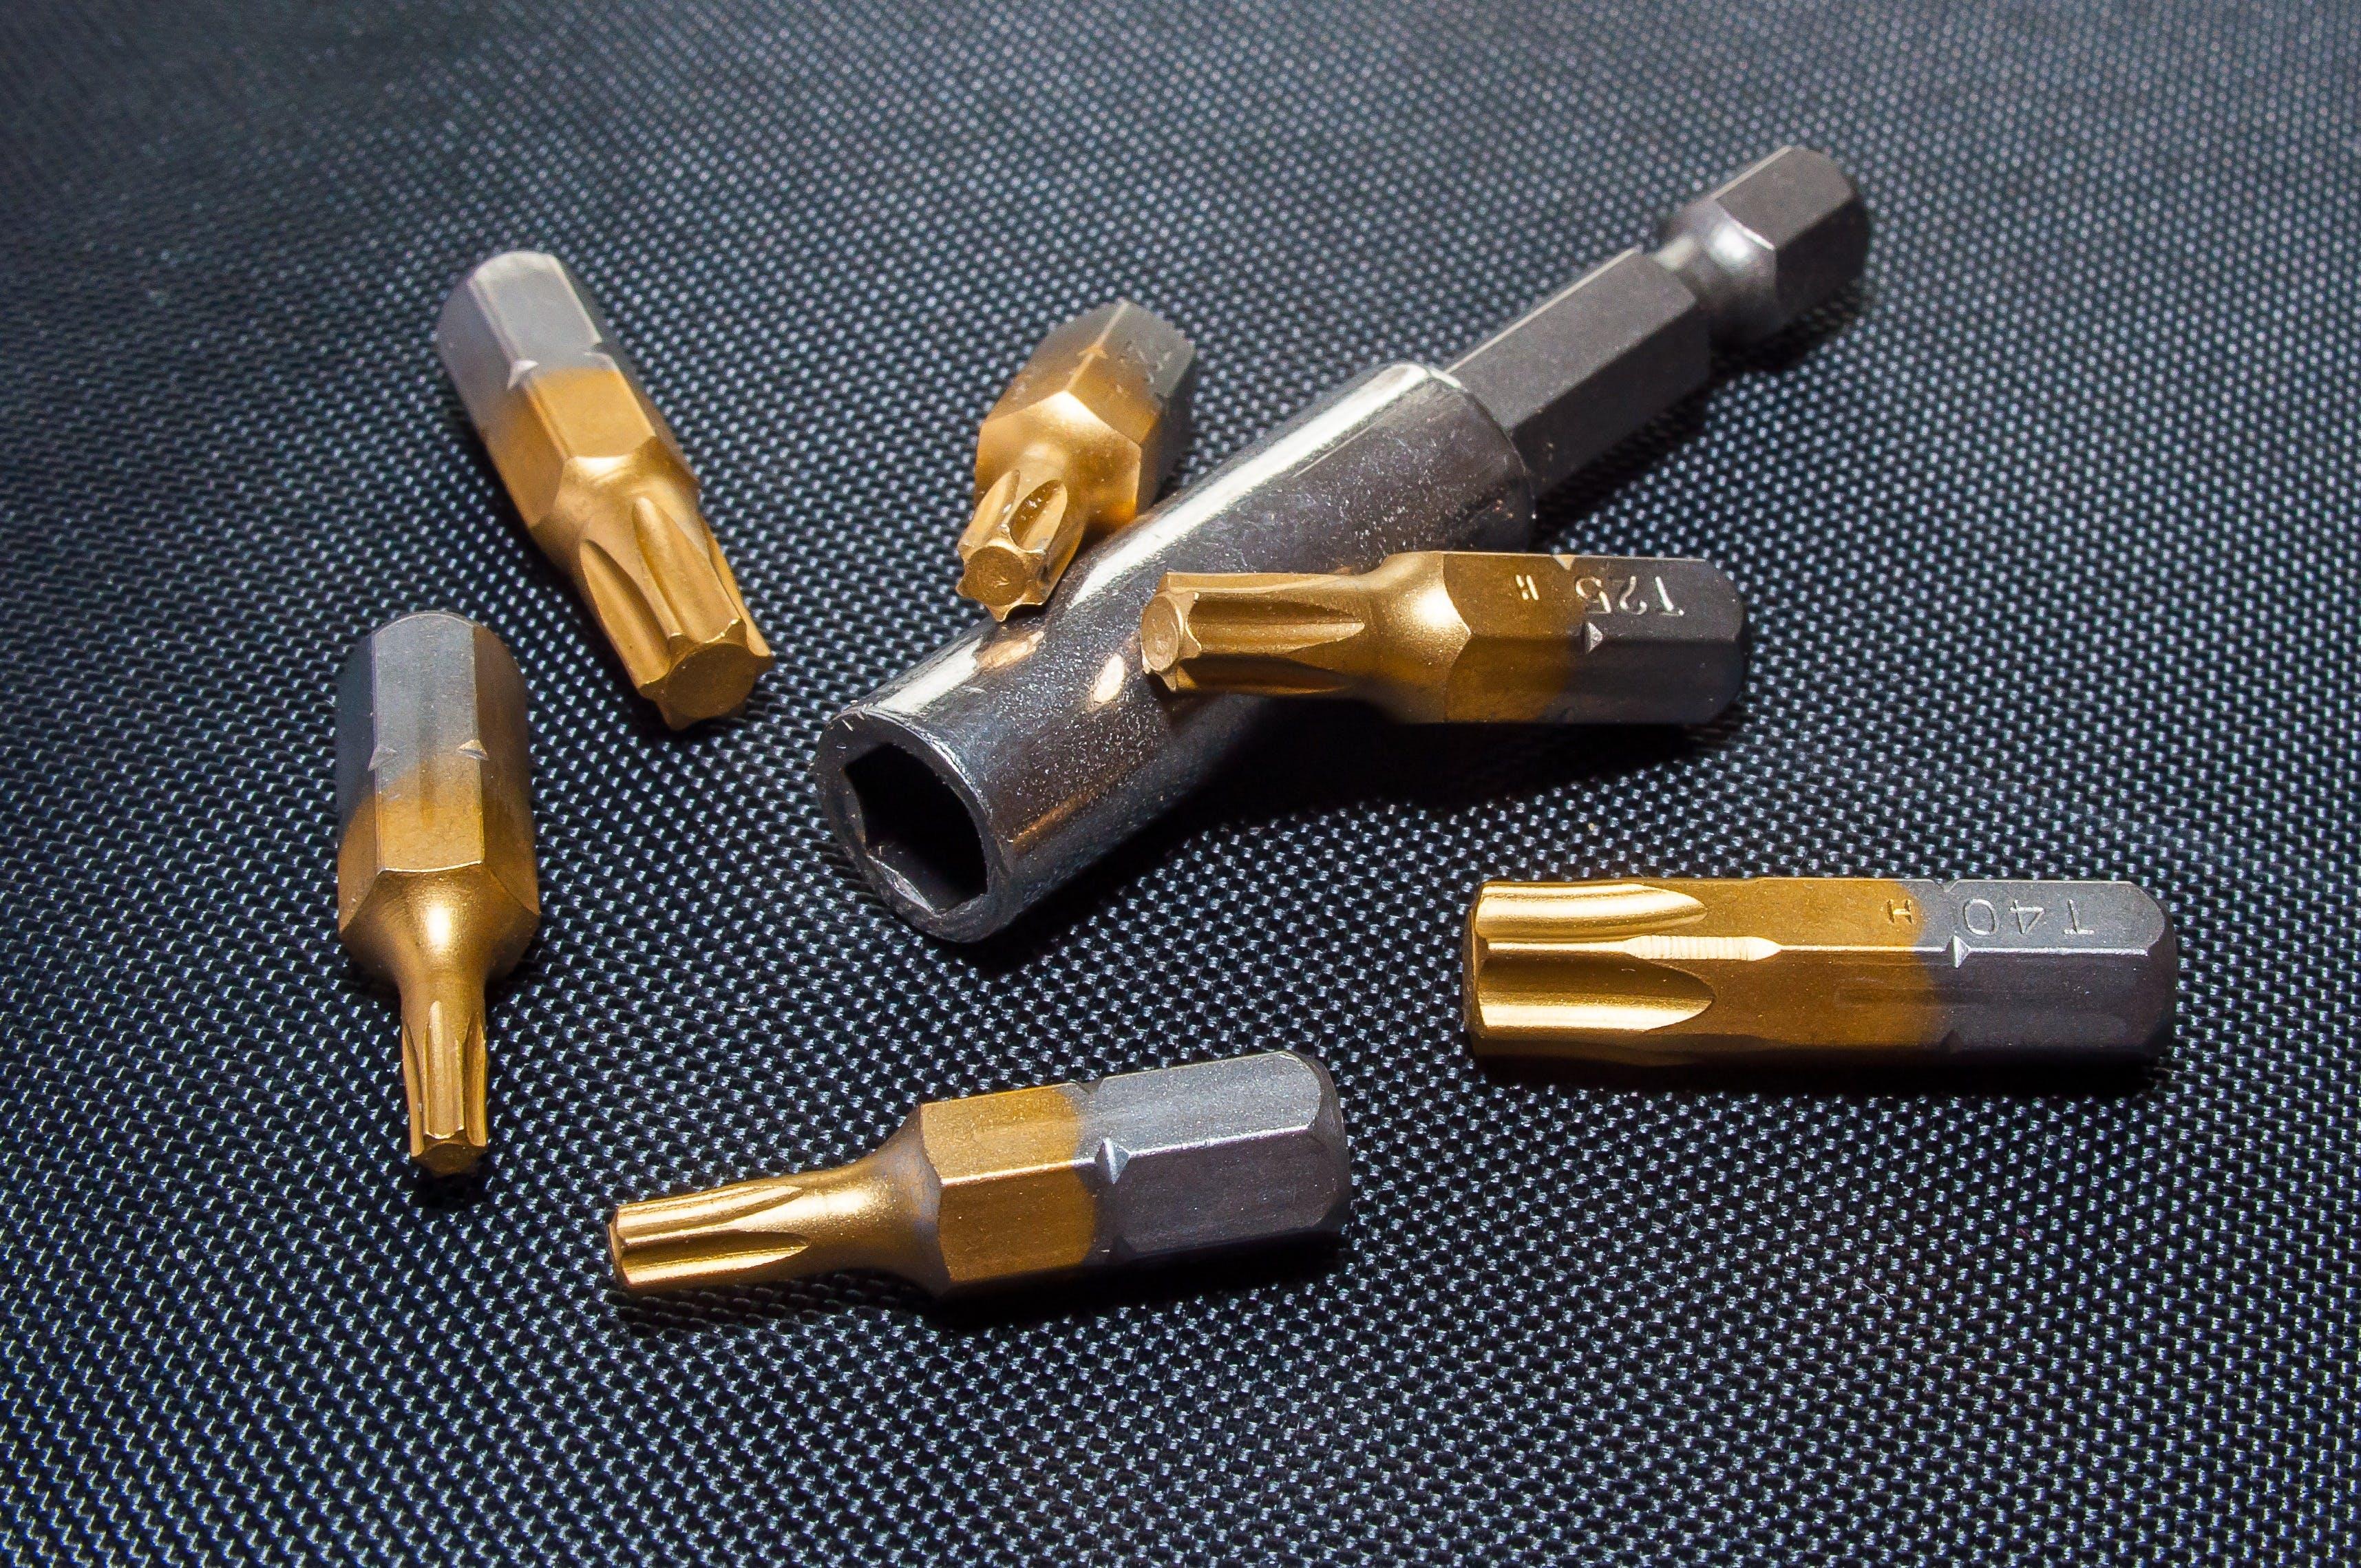 オブジェクト, クロム, ステンレス鋼, ツールの無料の写真素材